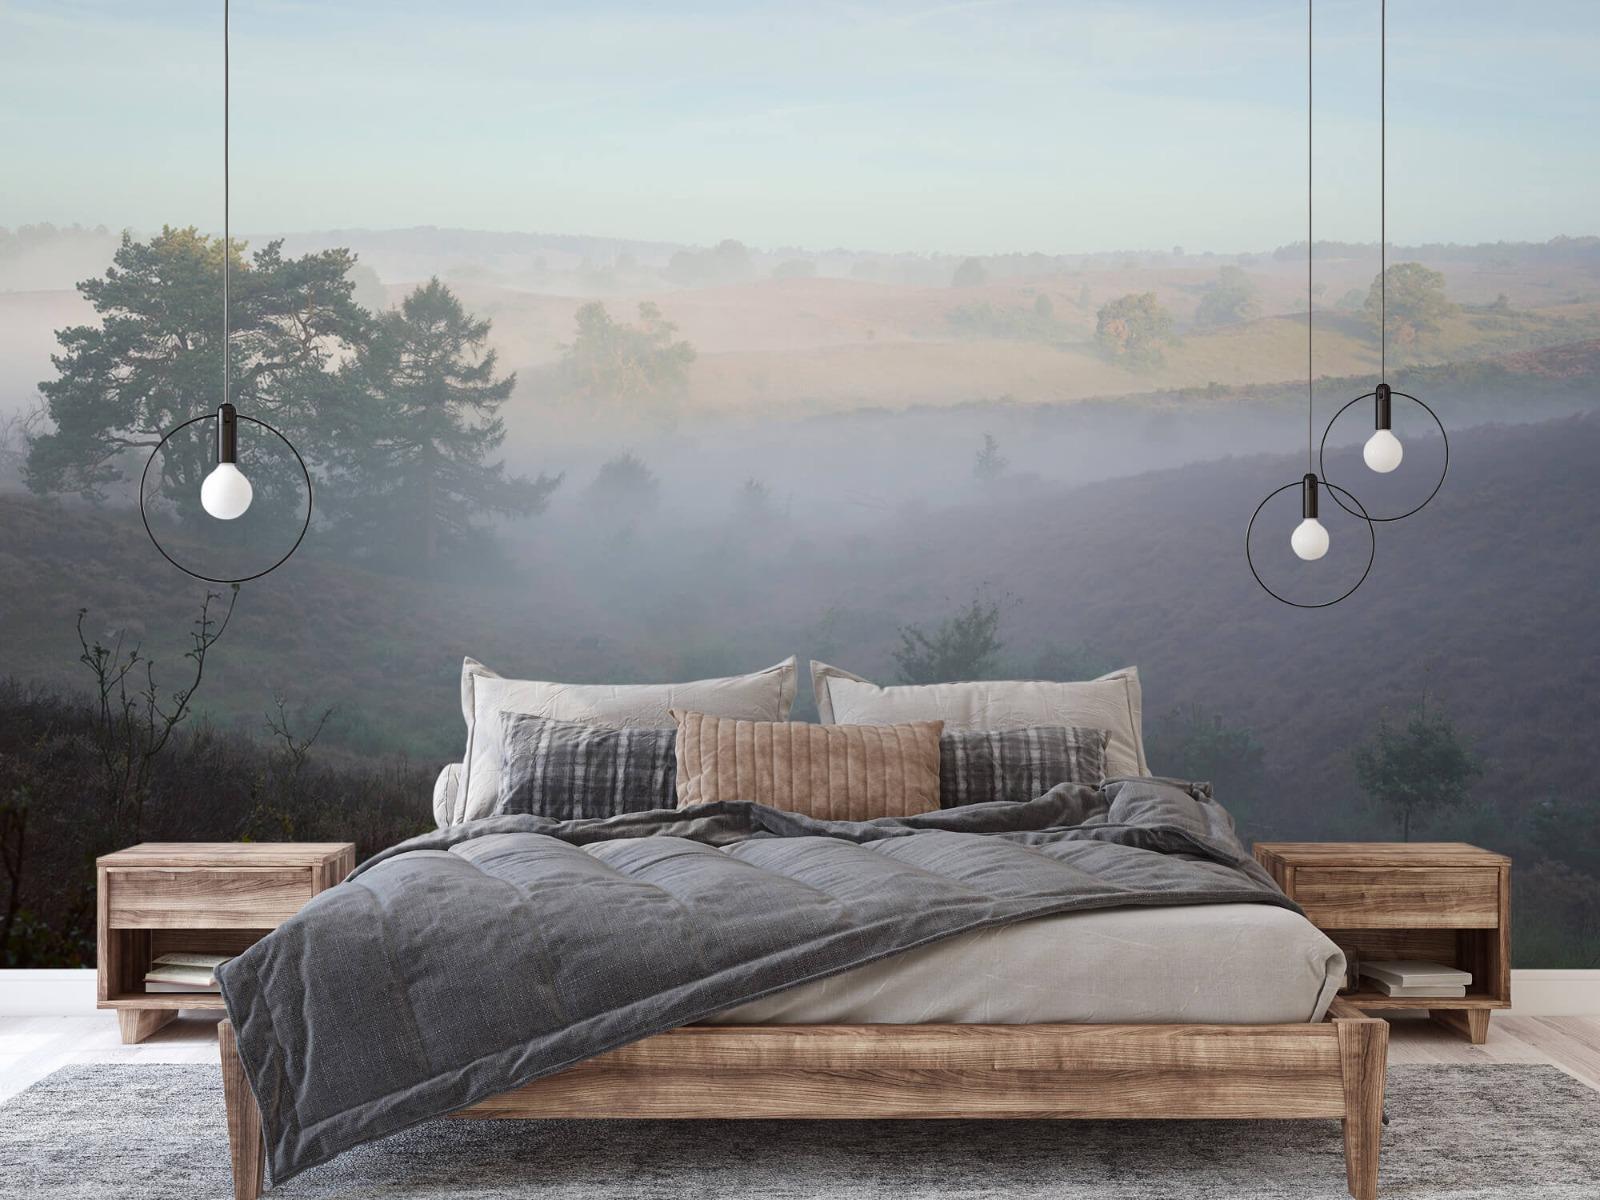 Landschap - Mist op de hei - Slaapkamer 2